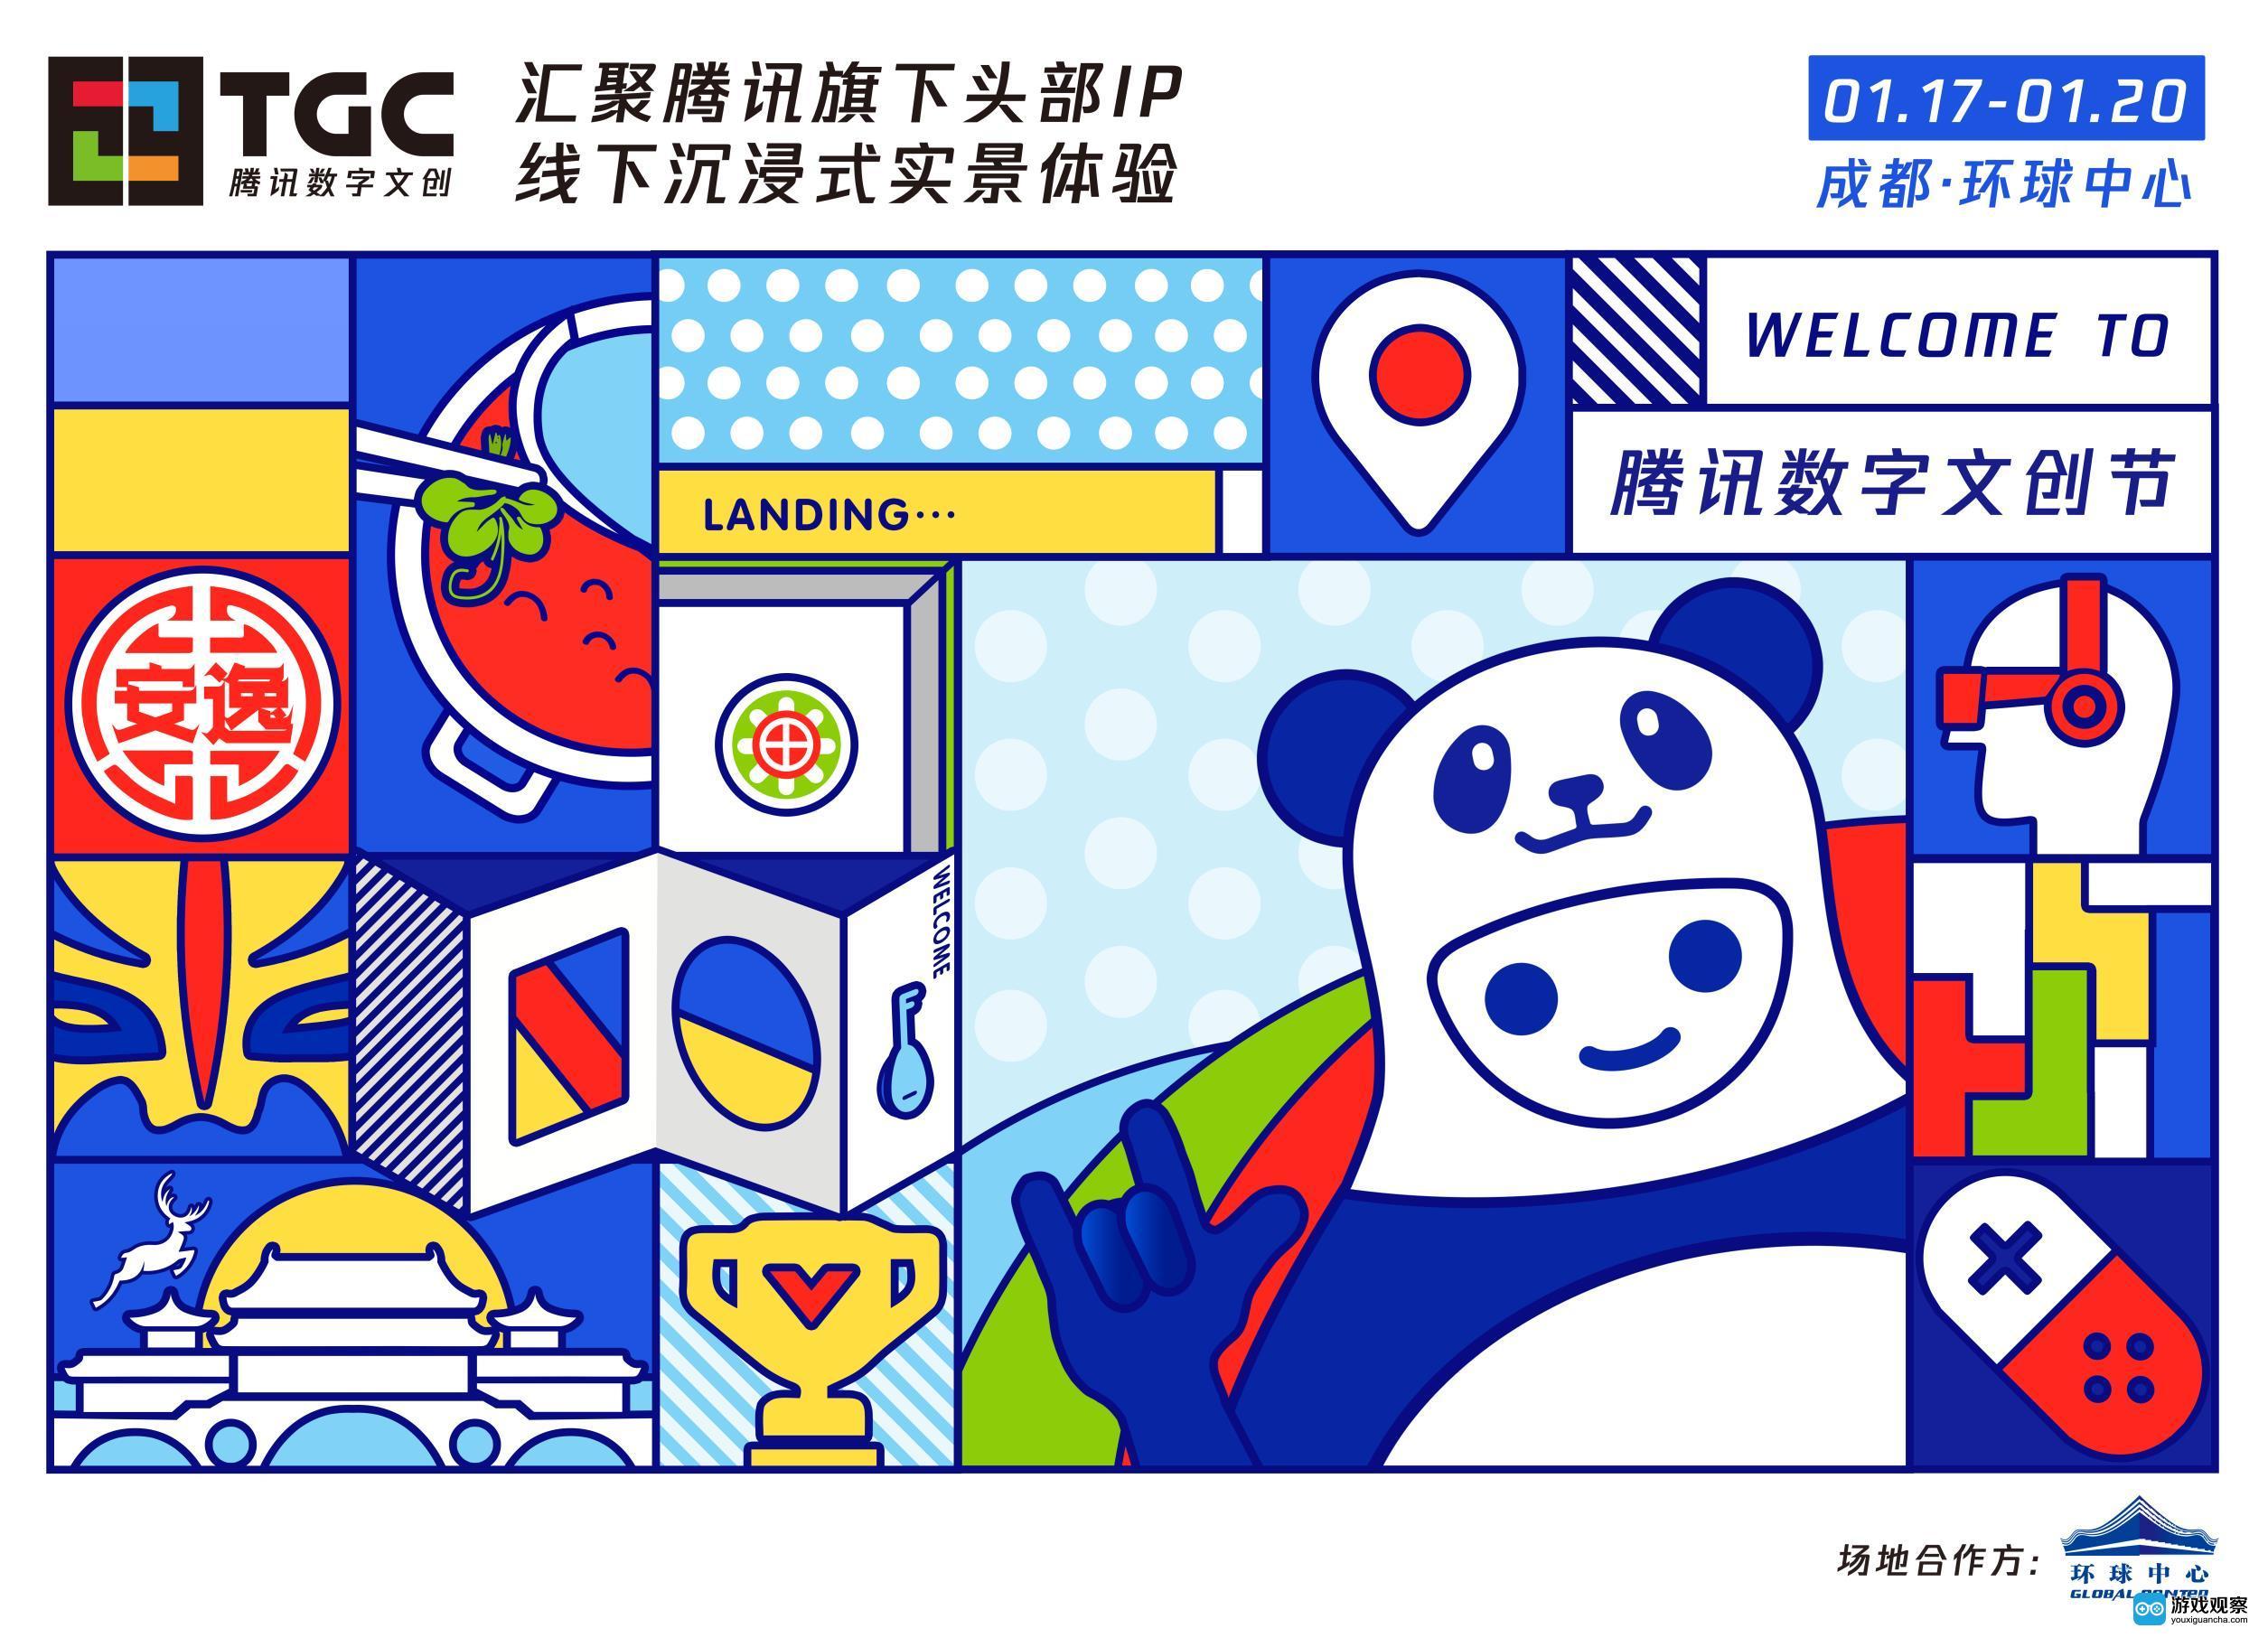 《狐妖小红娘》手游亮相TCG2019 数字文创赋能顶级国漫IP